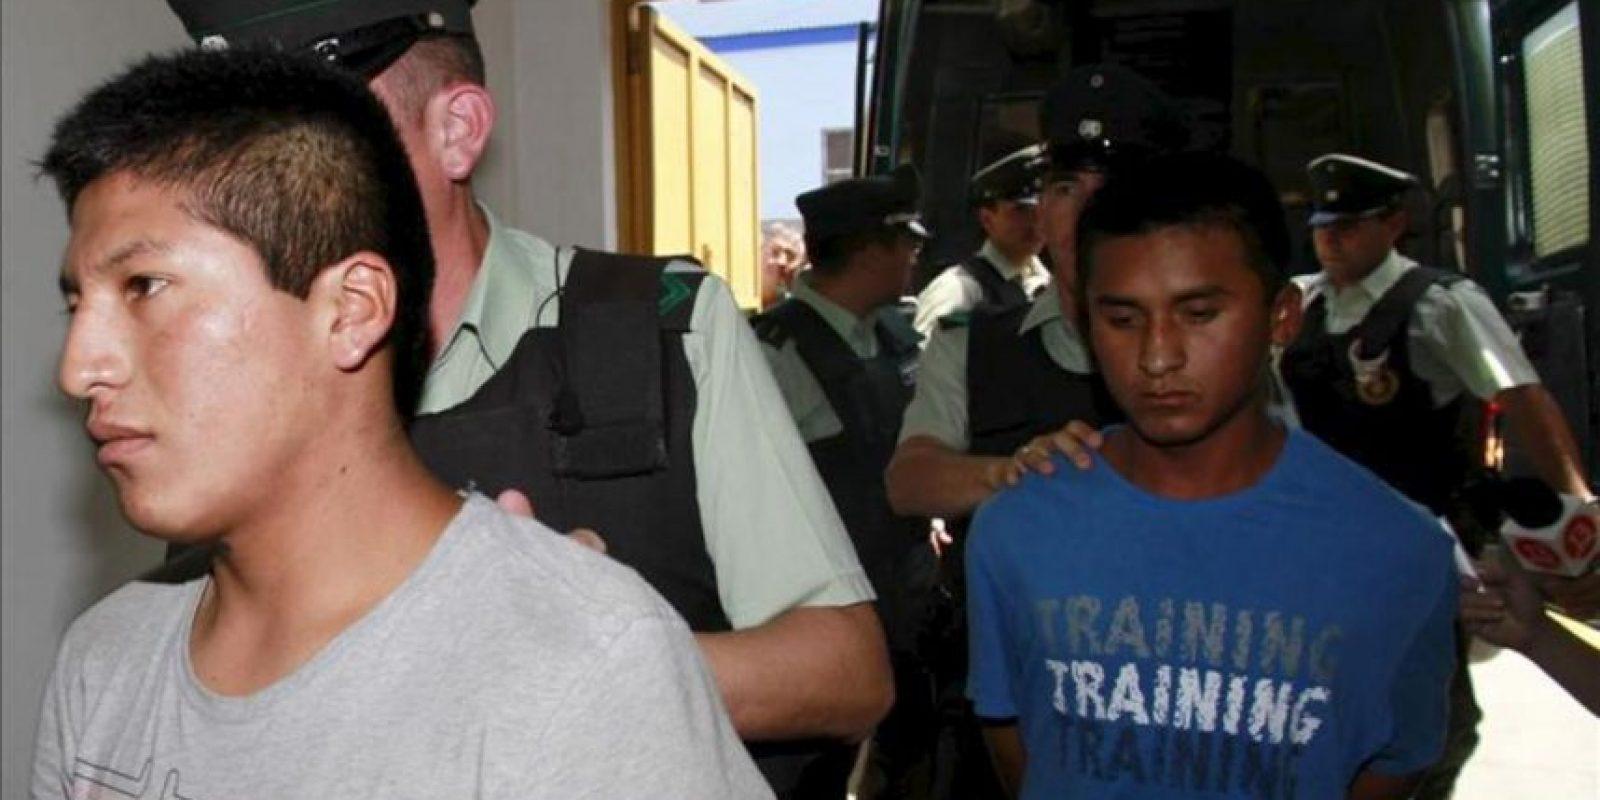 Personal de Gendarmería de Chile traslada a los tres soldados bolivianos detenidos en una prisión en el norte del país austral a una audiencia en Iquique, unos 2000 kilómetros al norte de Santiago (Chile). EFE